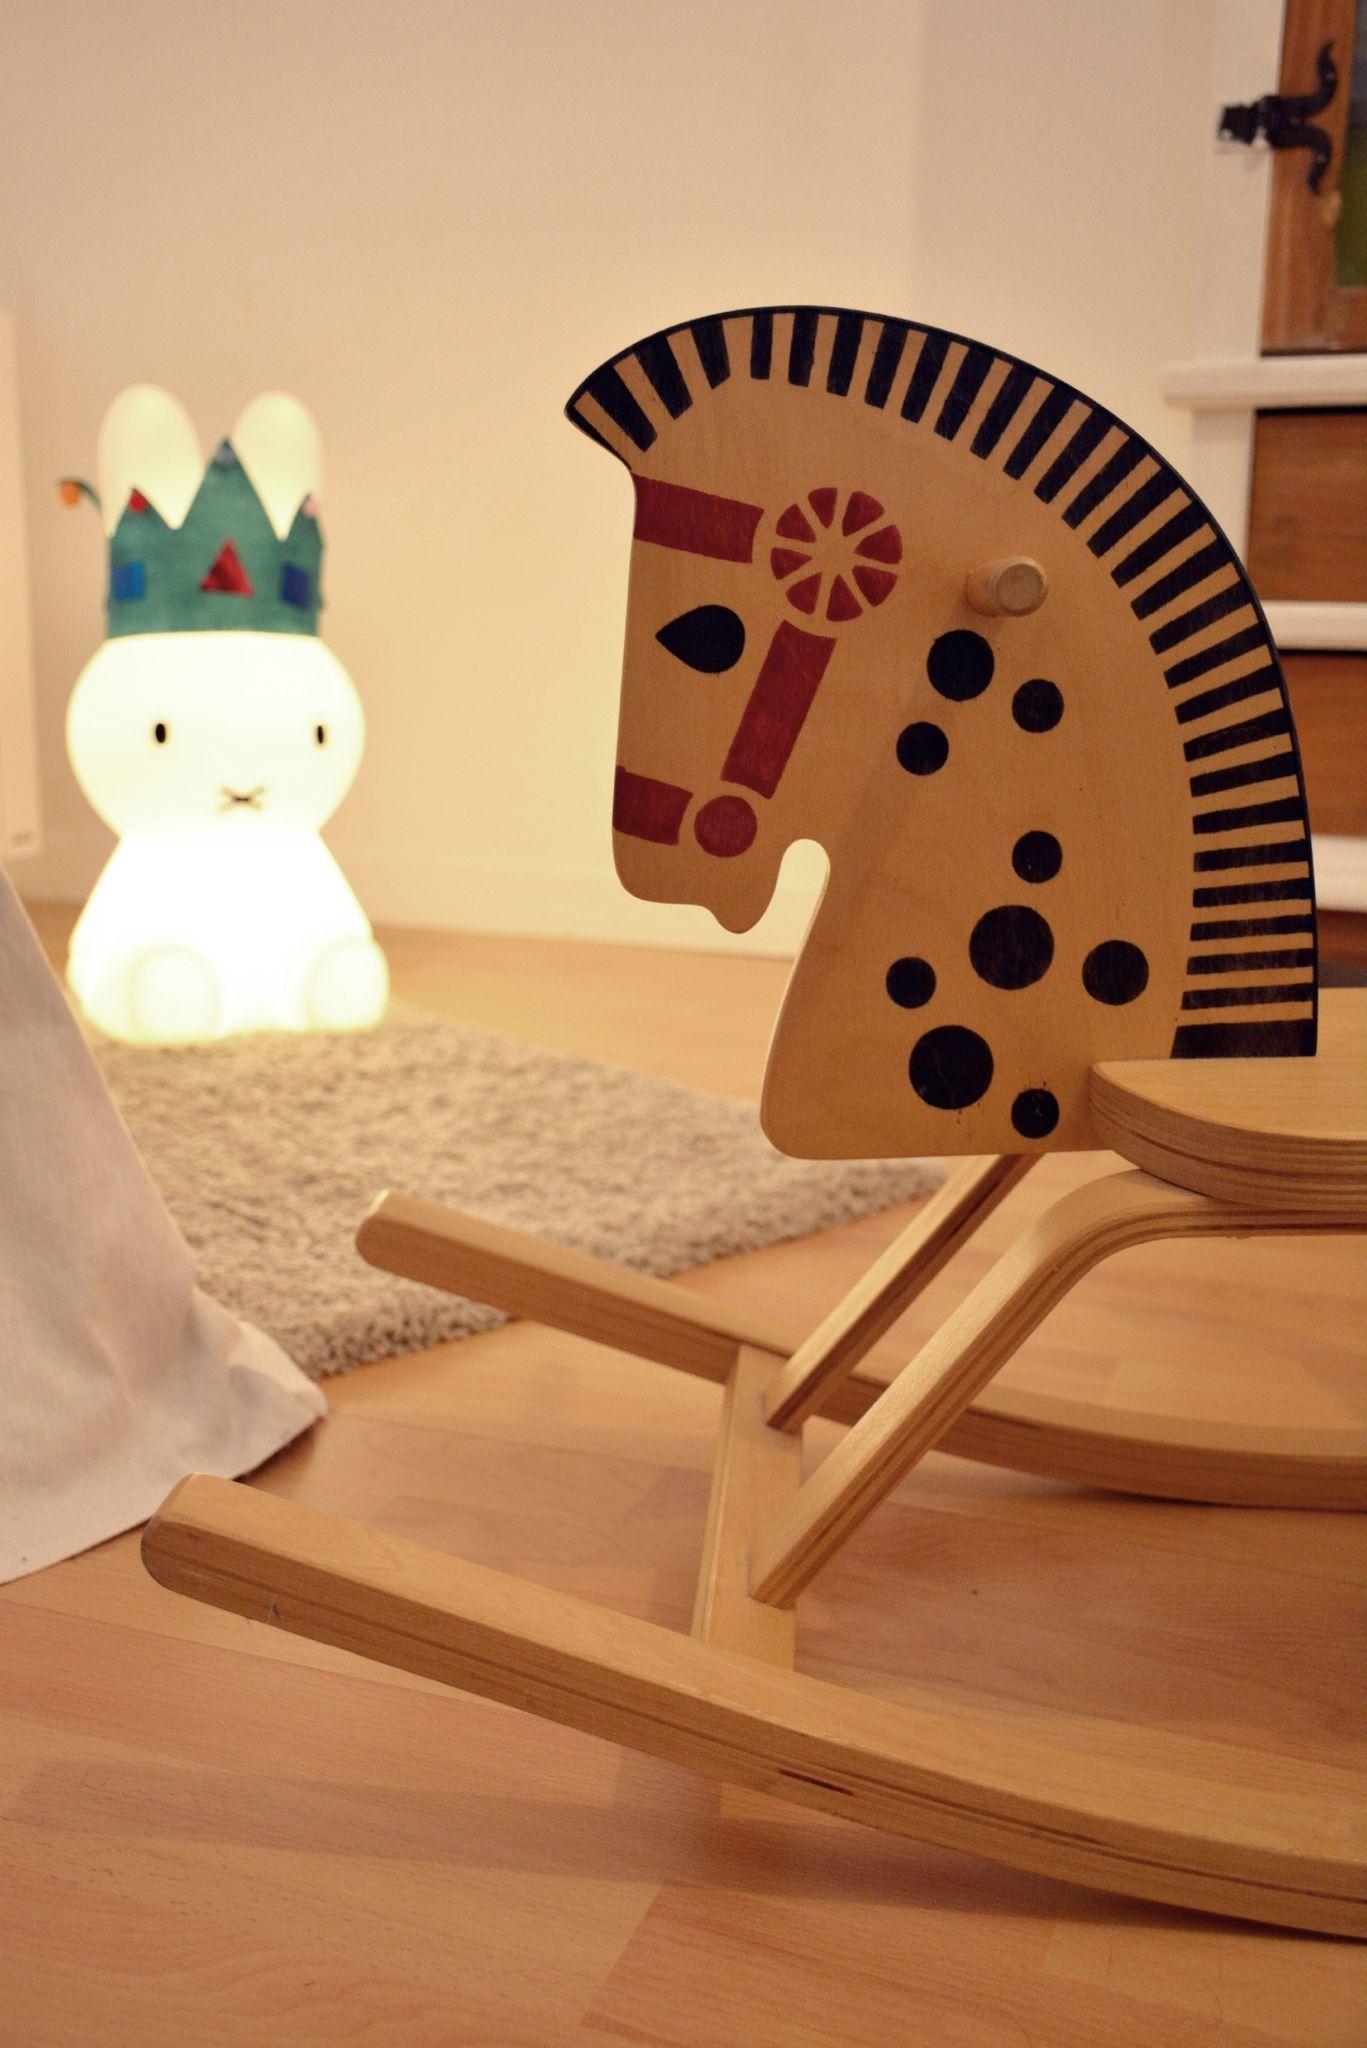 tuto fabriquer soi m me un tipi jolis biais pinterest fabriquer soi meme tuto et tentes. Black Bedroom Furniture Sets. Home Design Ideas